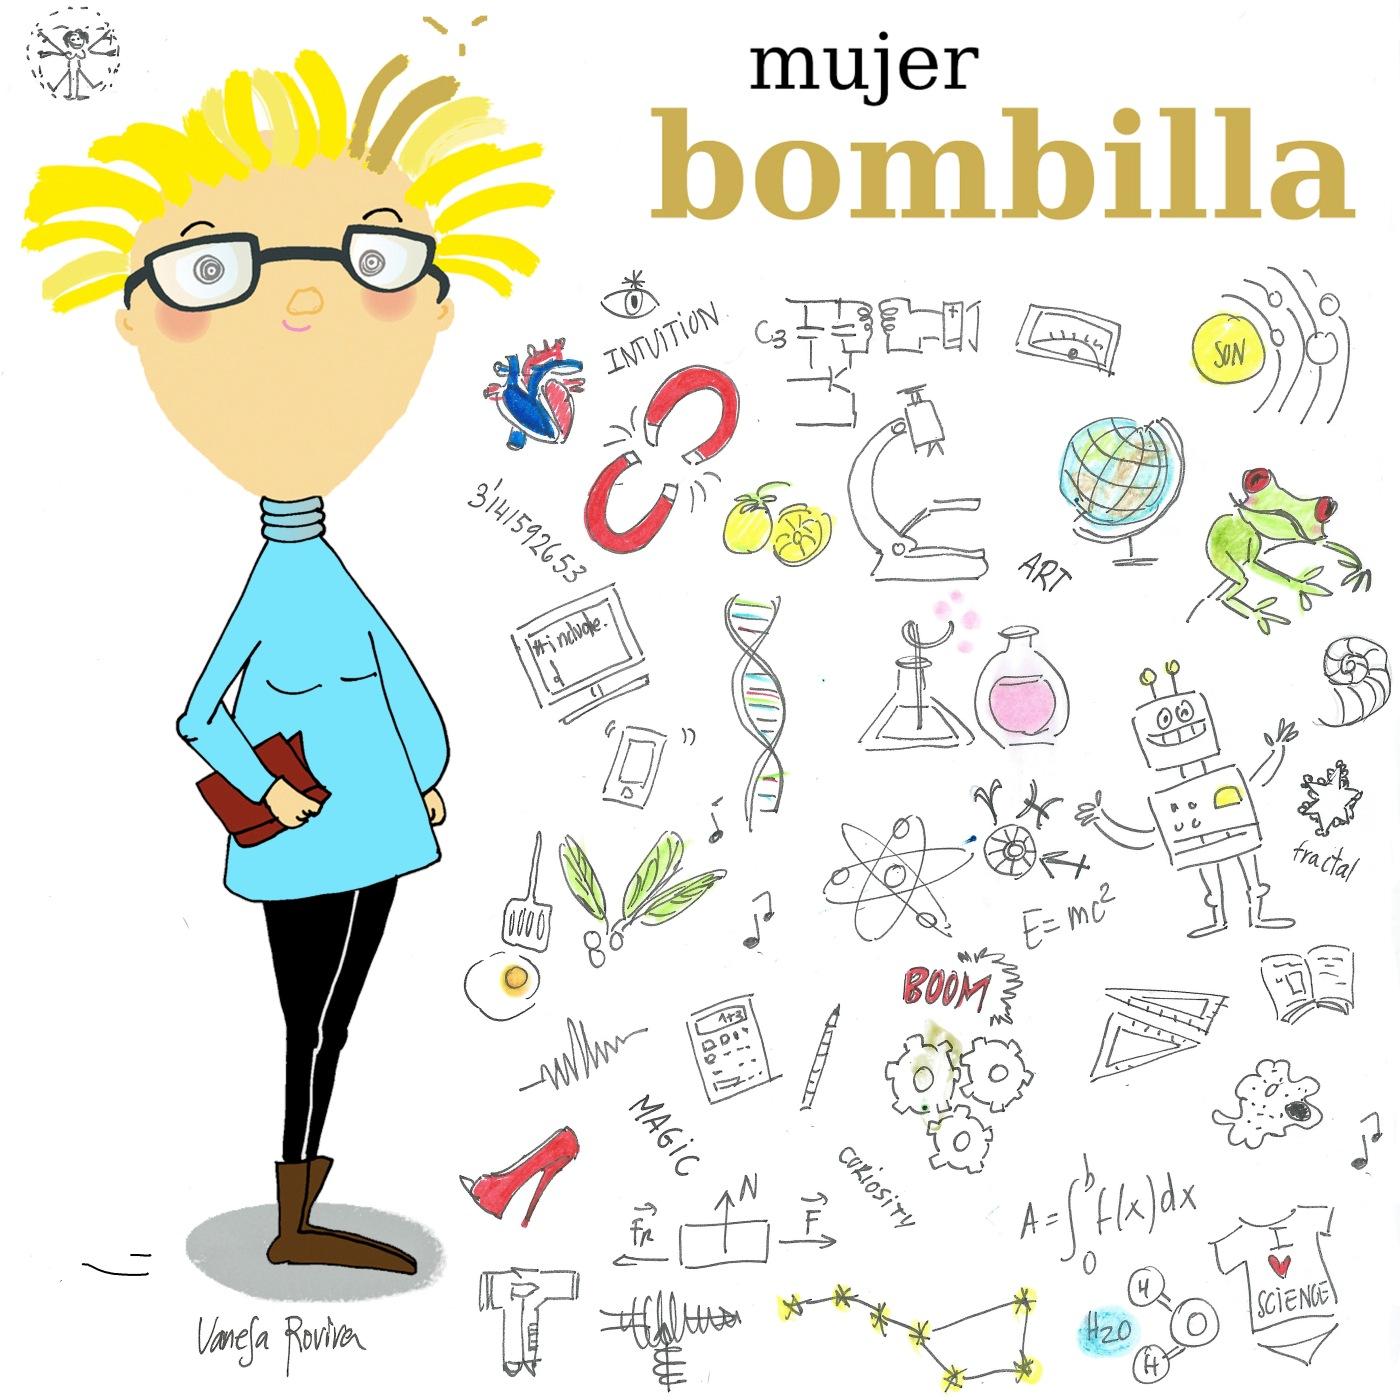 mujerbombilla_11febrero